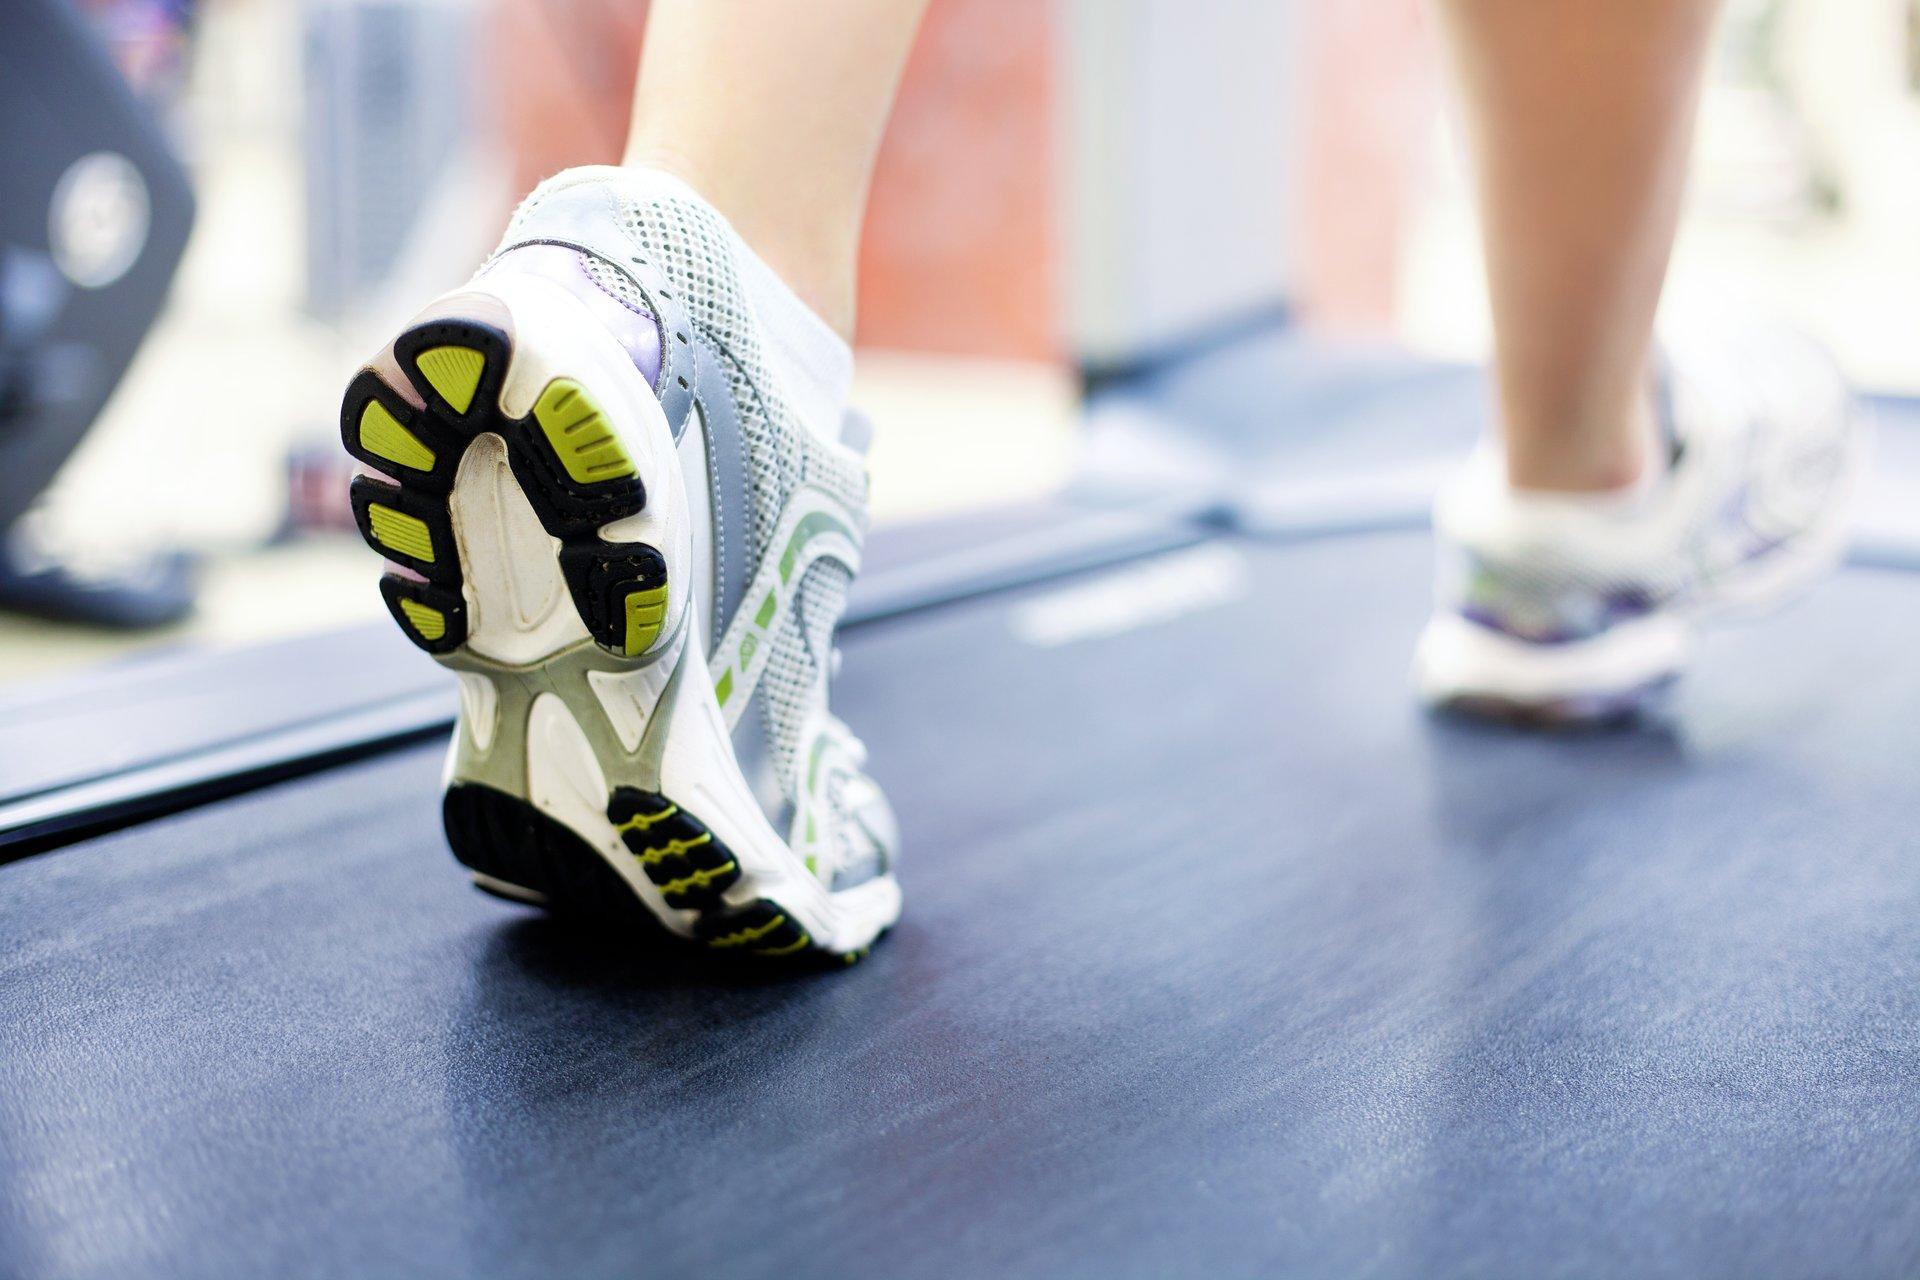 Критерии выбора кроссовок для занятий спортом и повседневного ношения